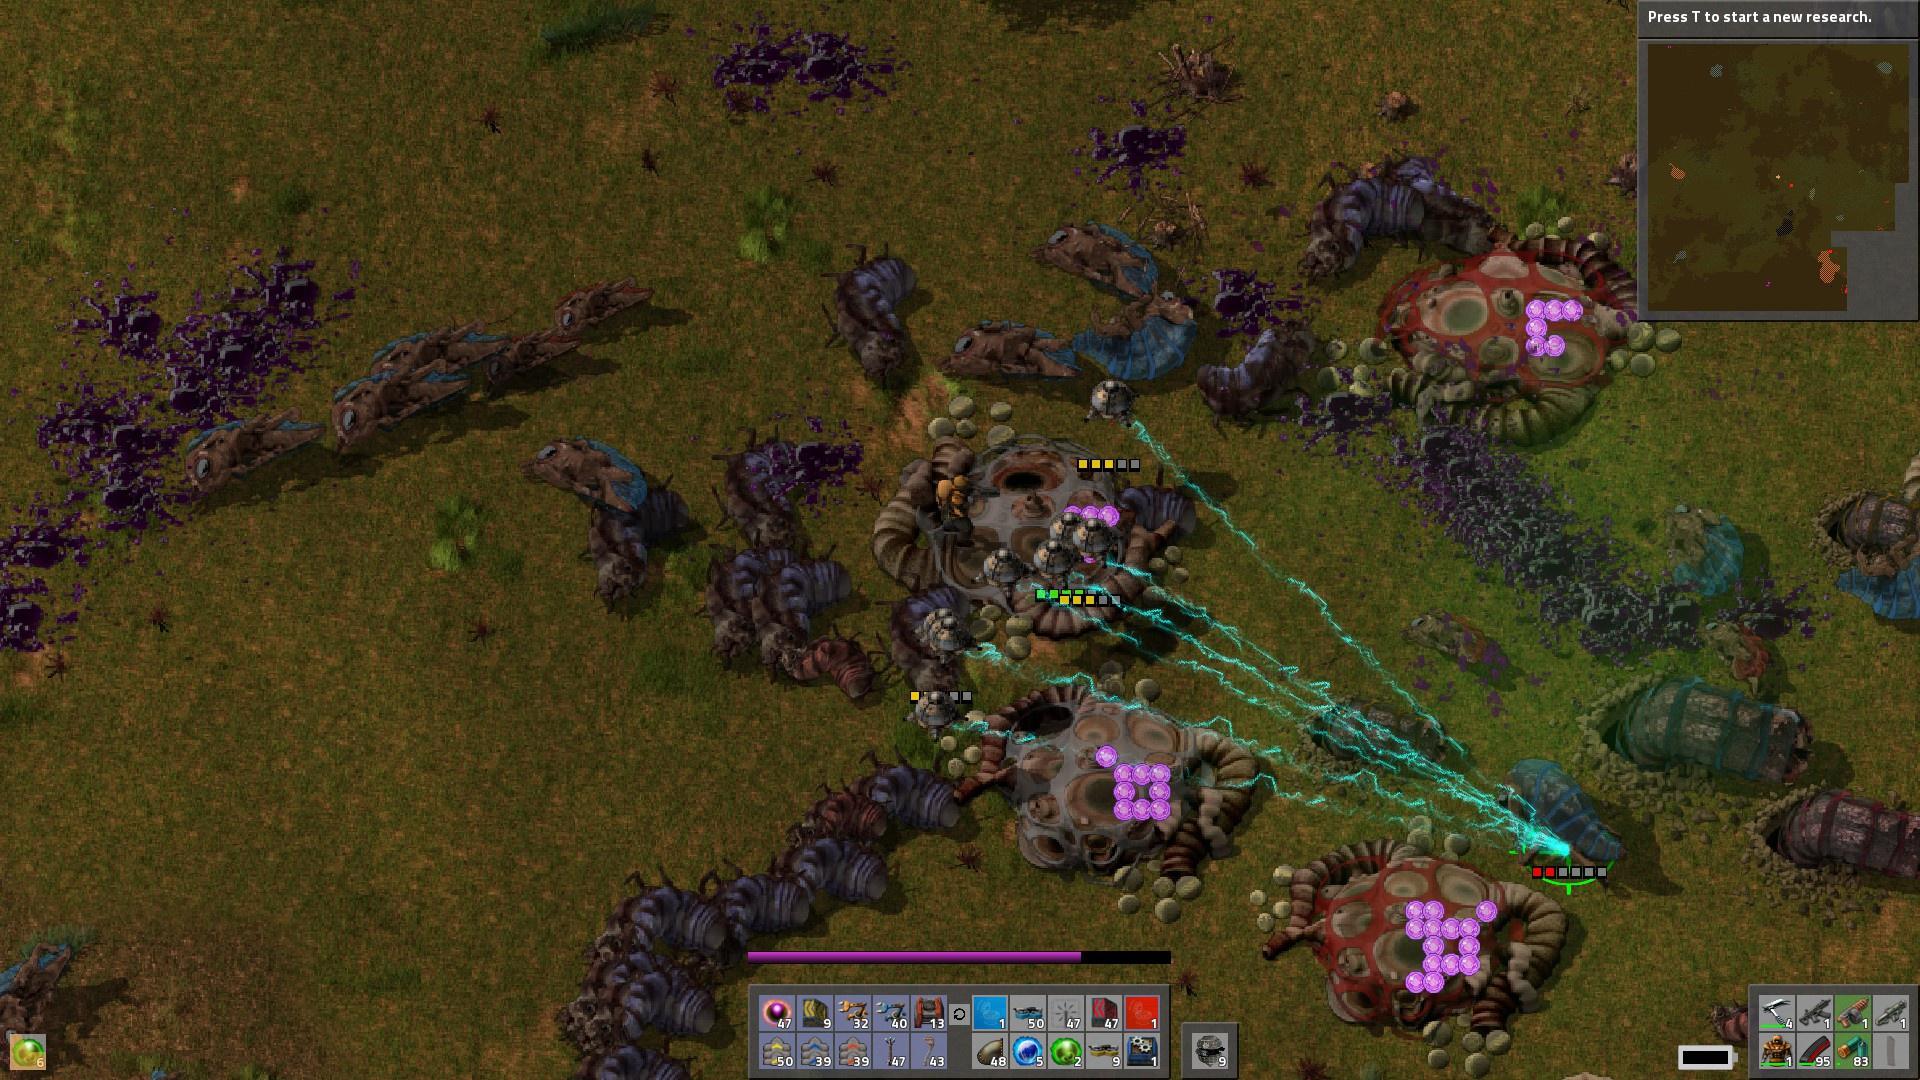 Comunidade Steam :: Guia :: Factorio: Observations, Tips